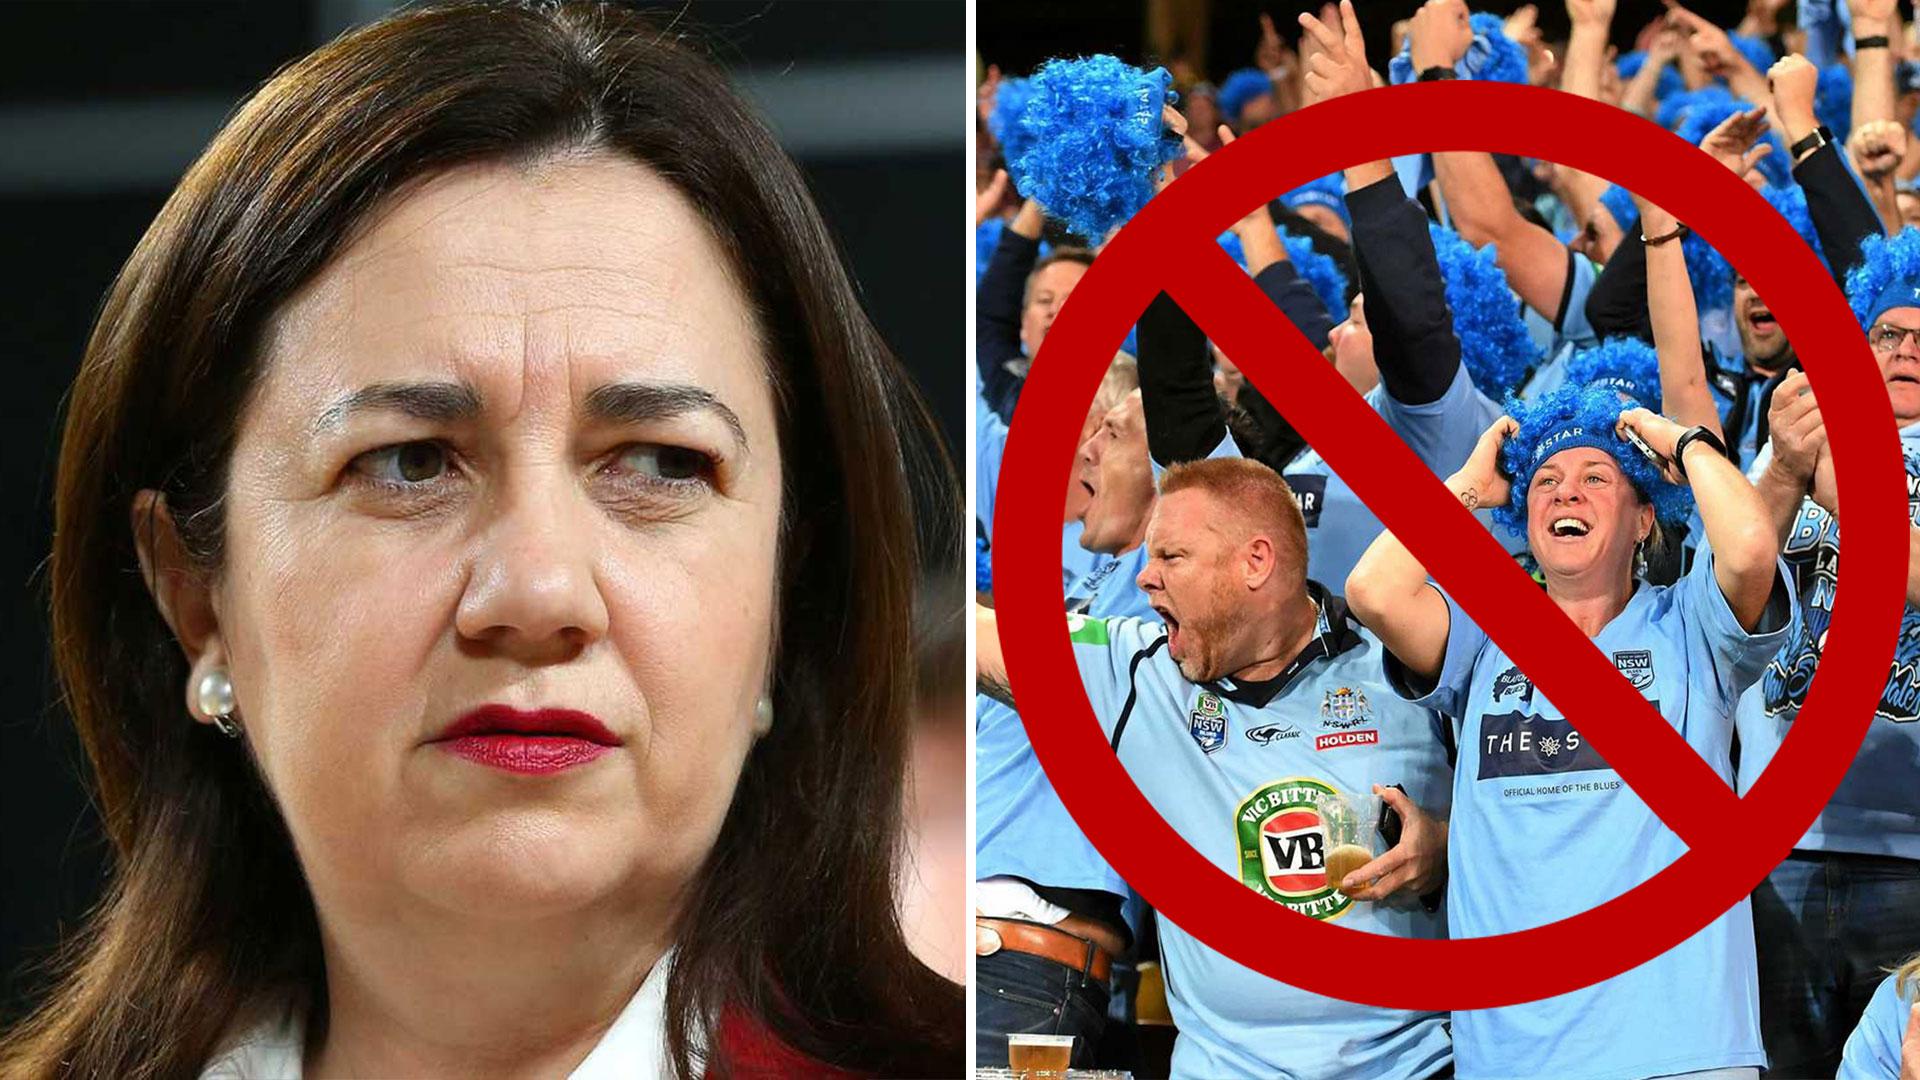 Palaszczuk Bans NSW Fans From Attending Brisbane Origin ...